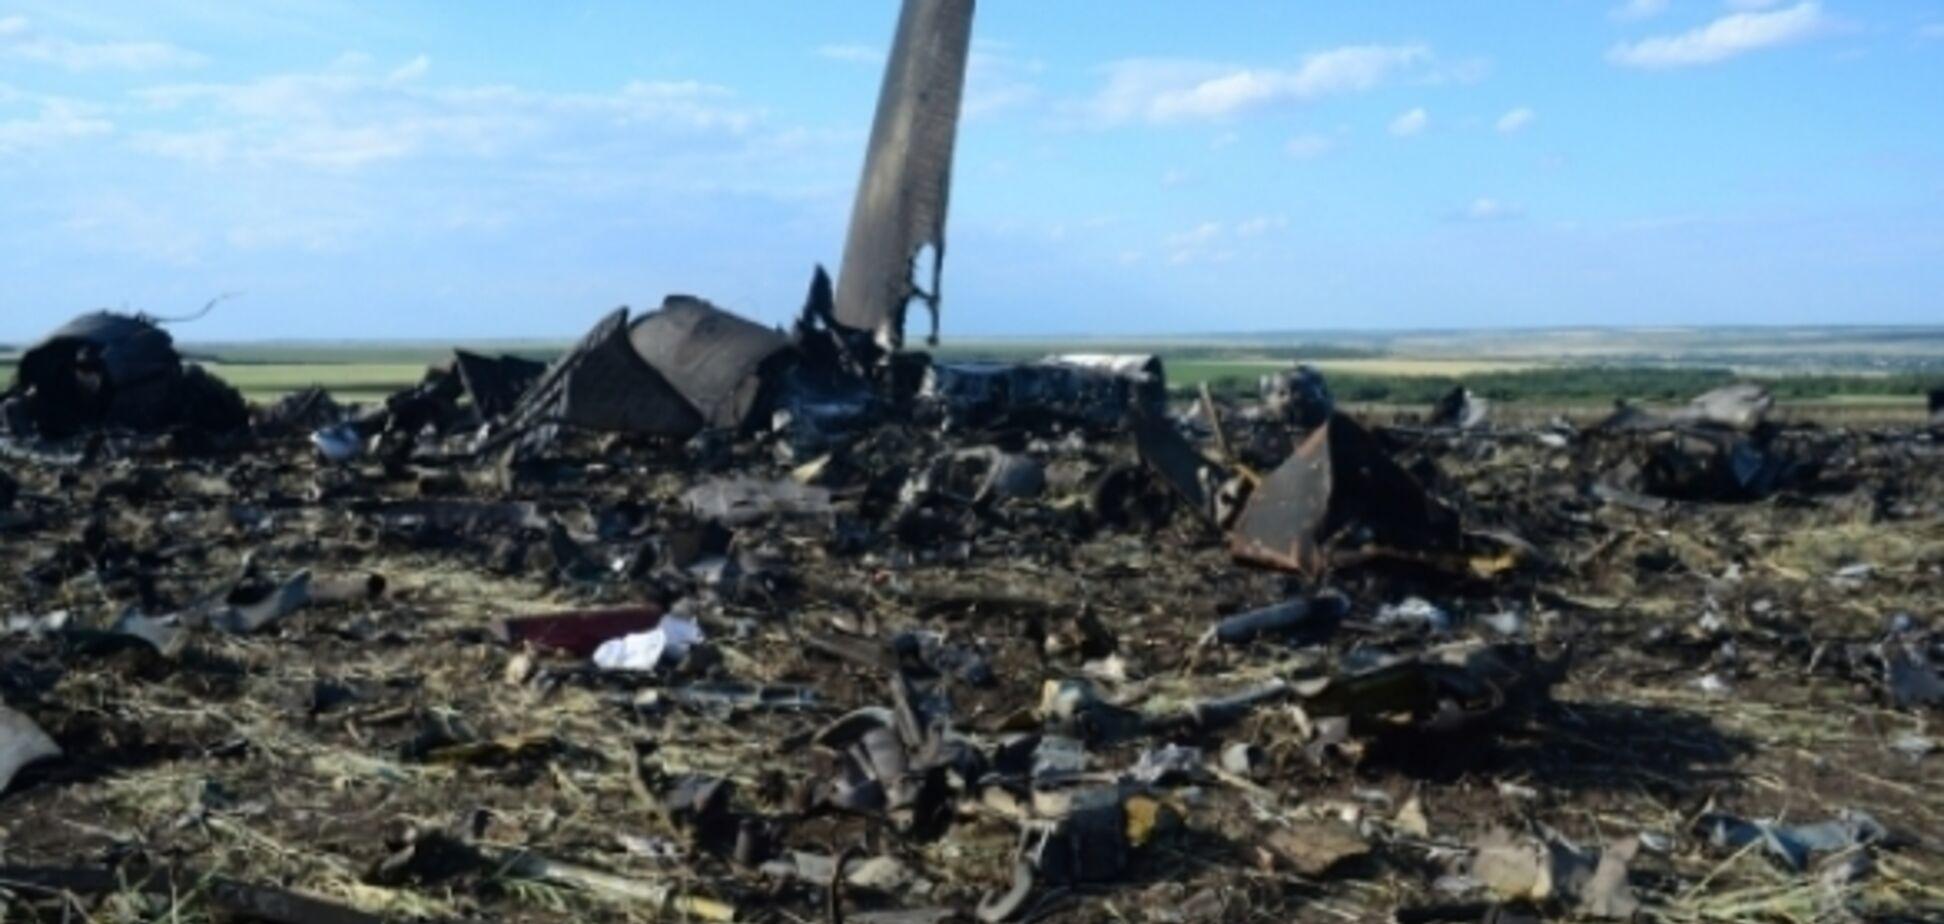 Катастрофа Іл-76: родичі загиблих нагадали про заслугу військових прокурорів у засудженні генерала Назарова